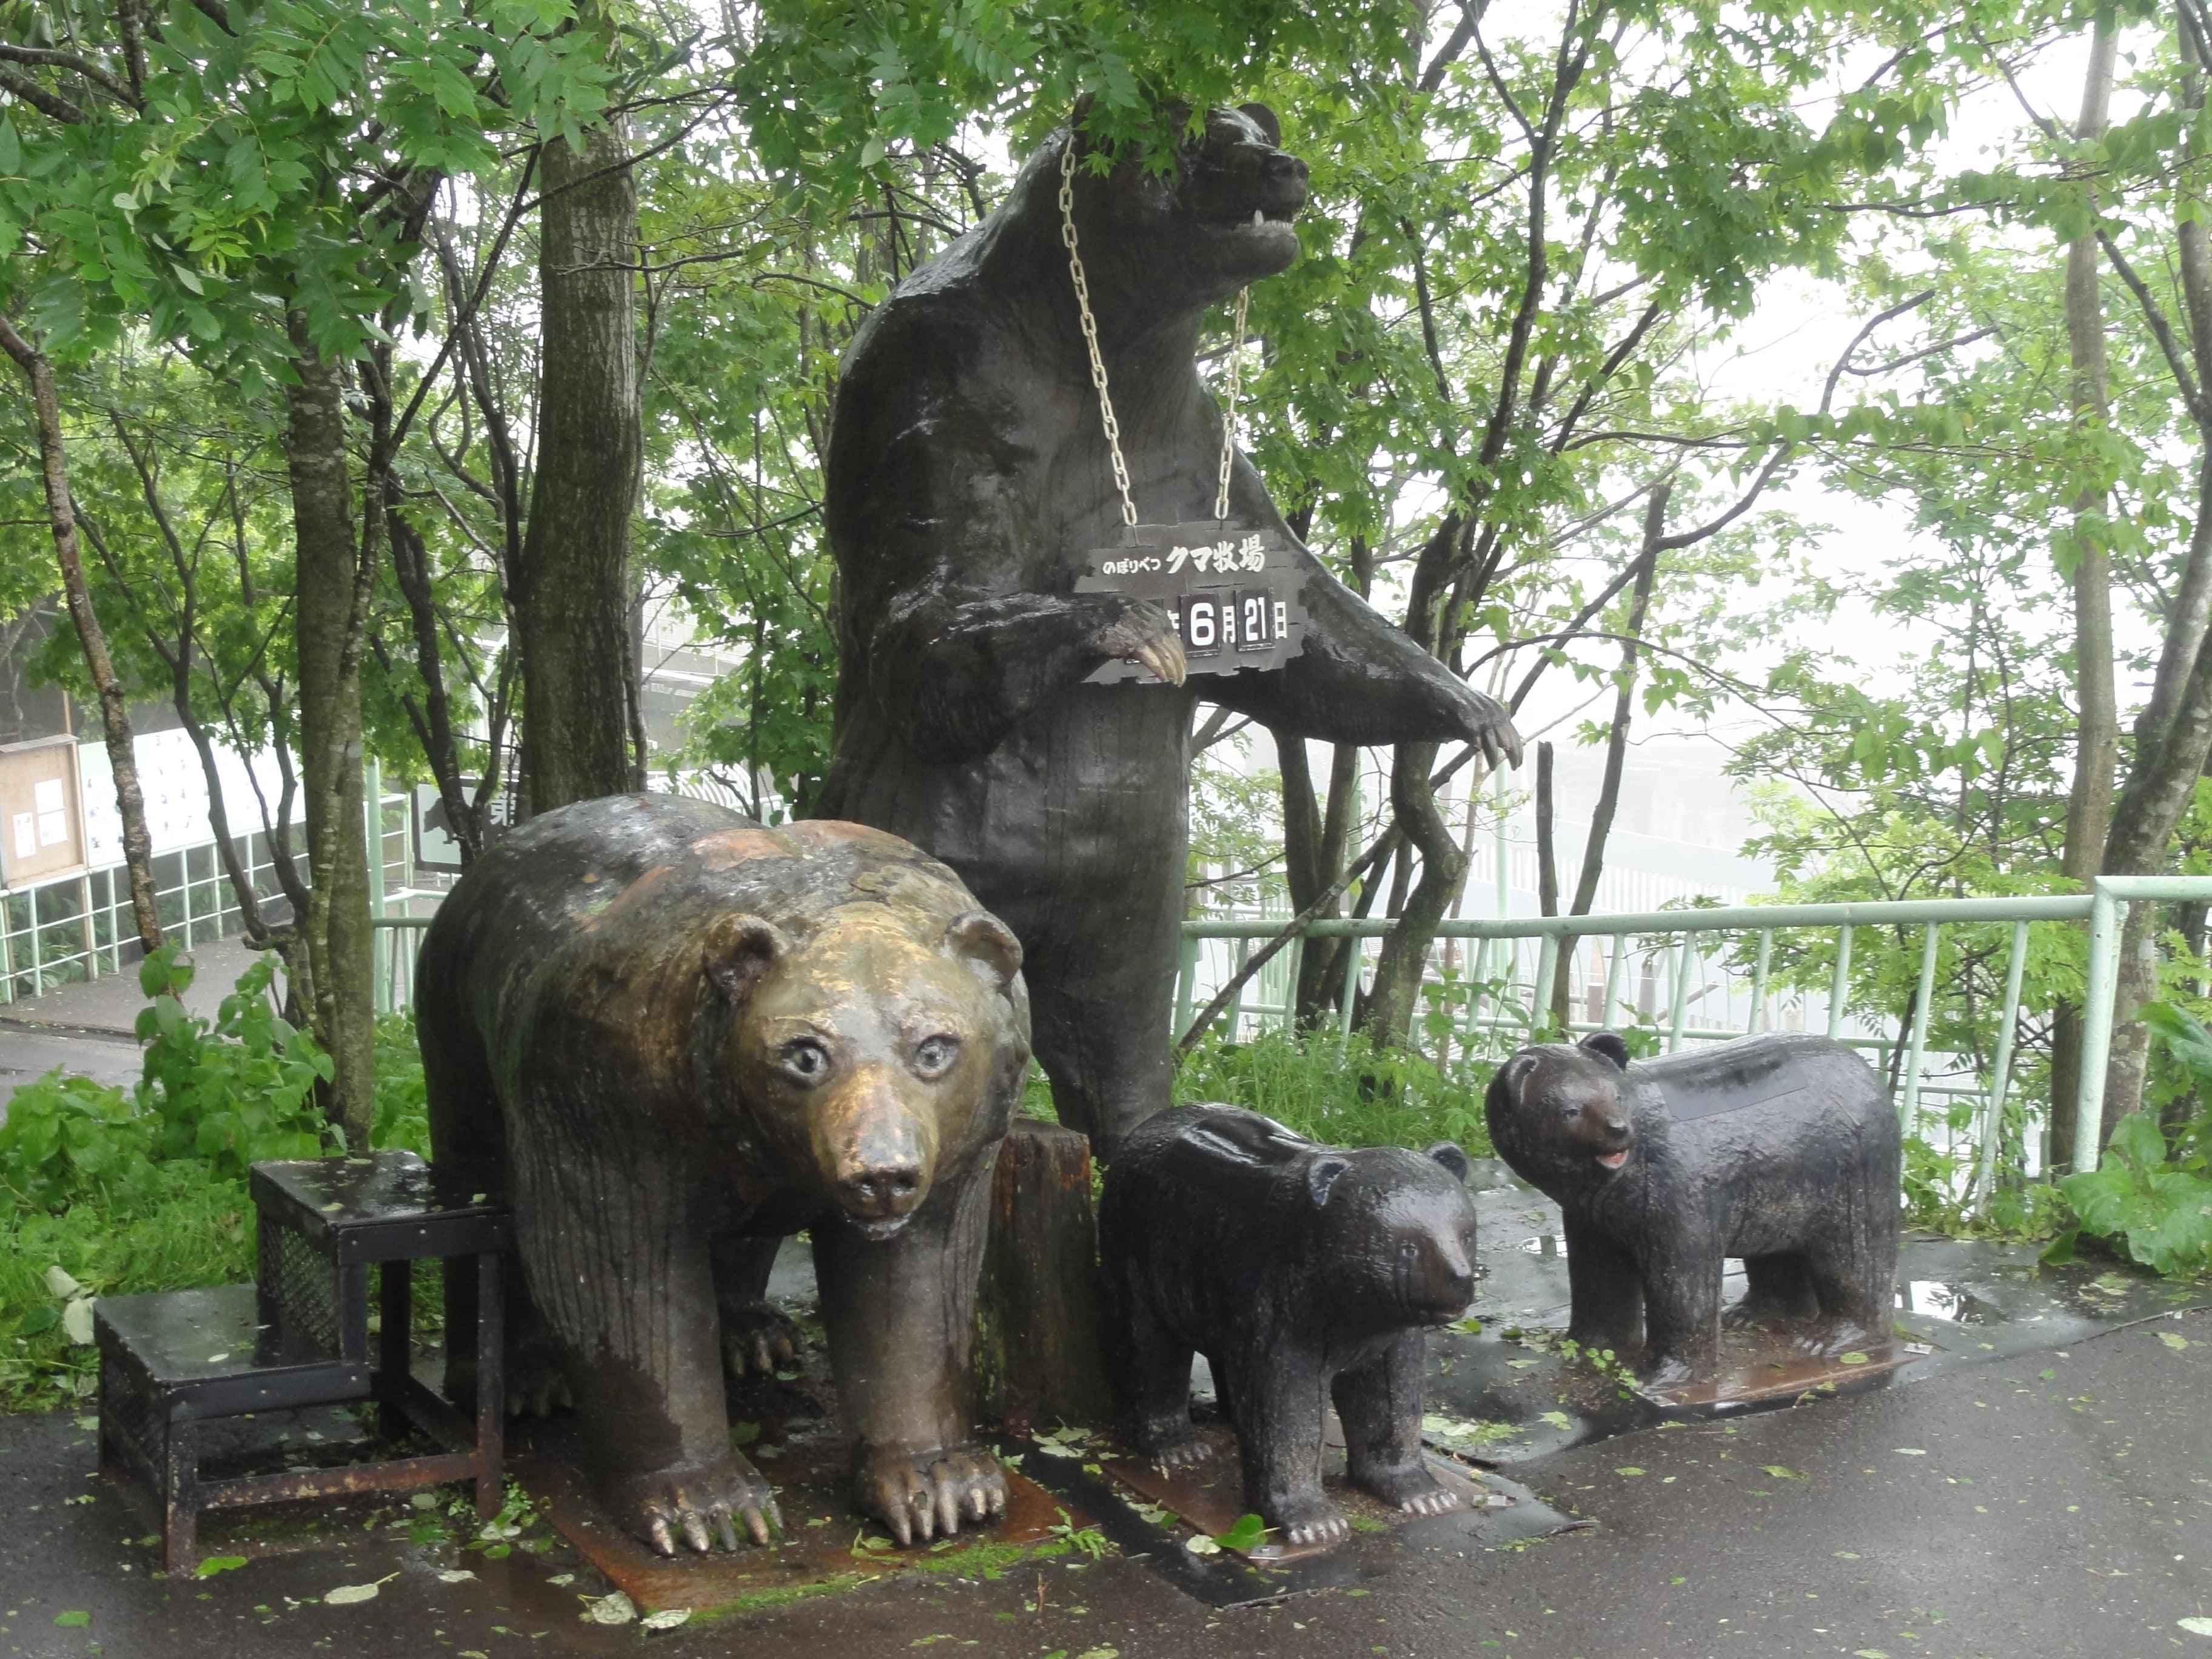 のぼりべつクマ牧場の木彫り像